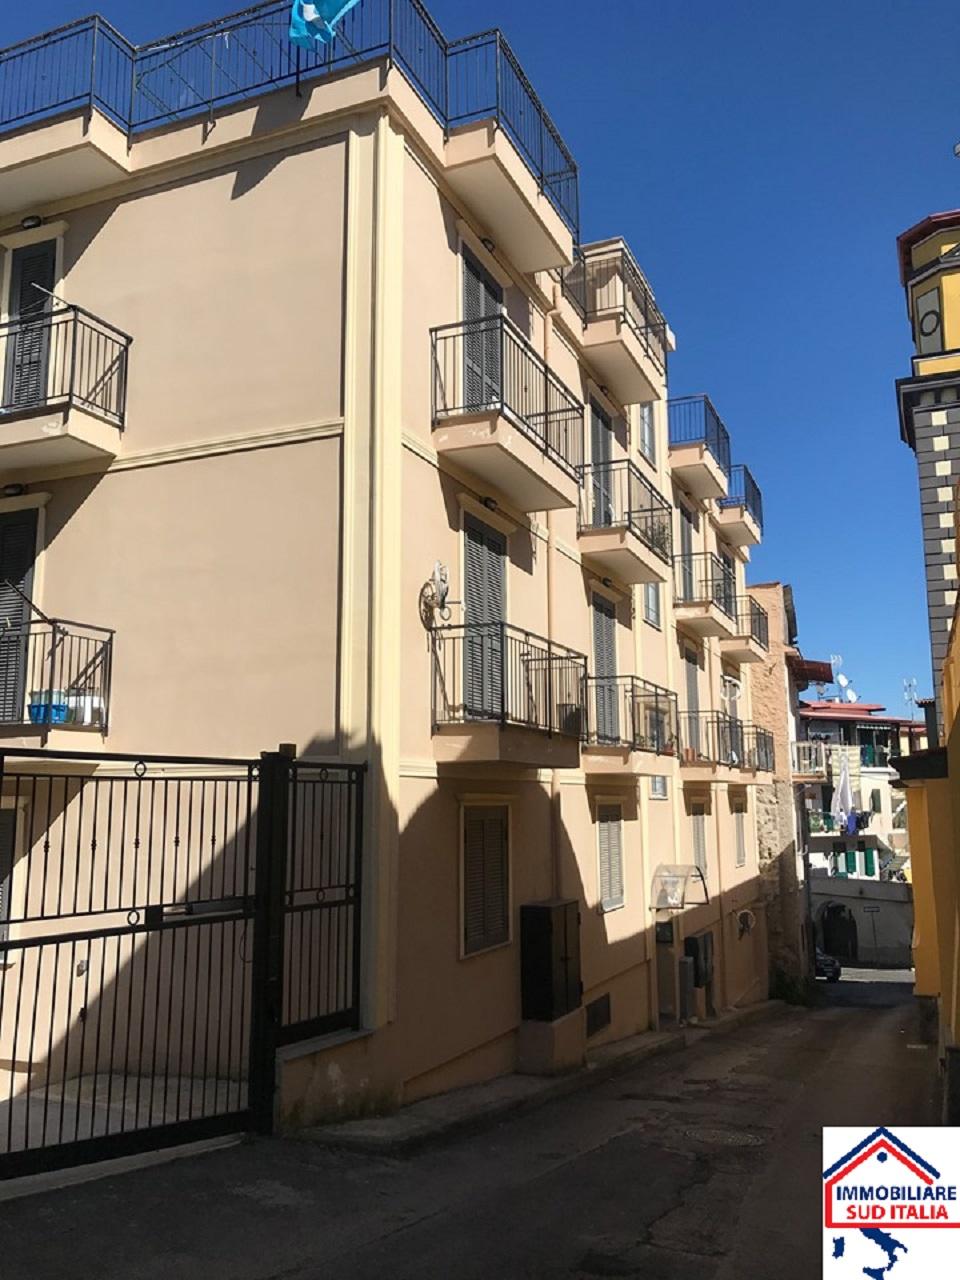 Appartamento in vendita a Marano di Napoli, 3 locali, prezzo € 128.000 | CambioCasa.it